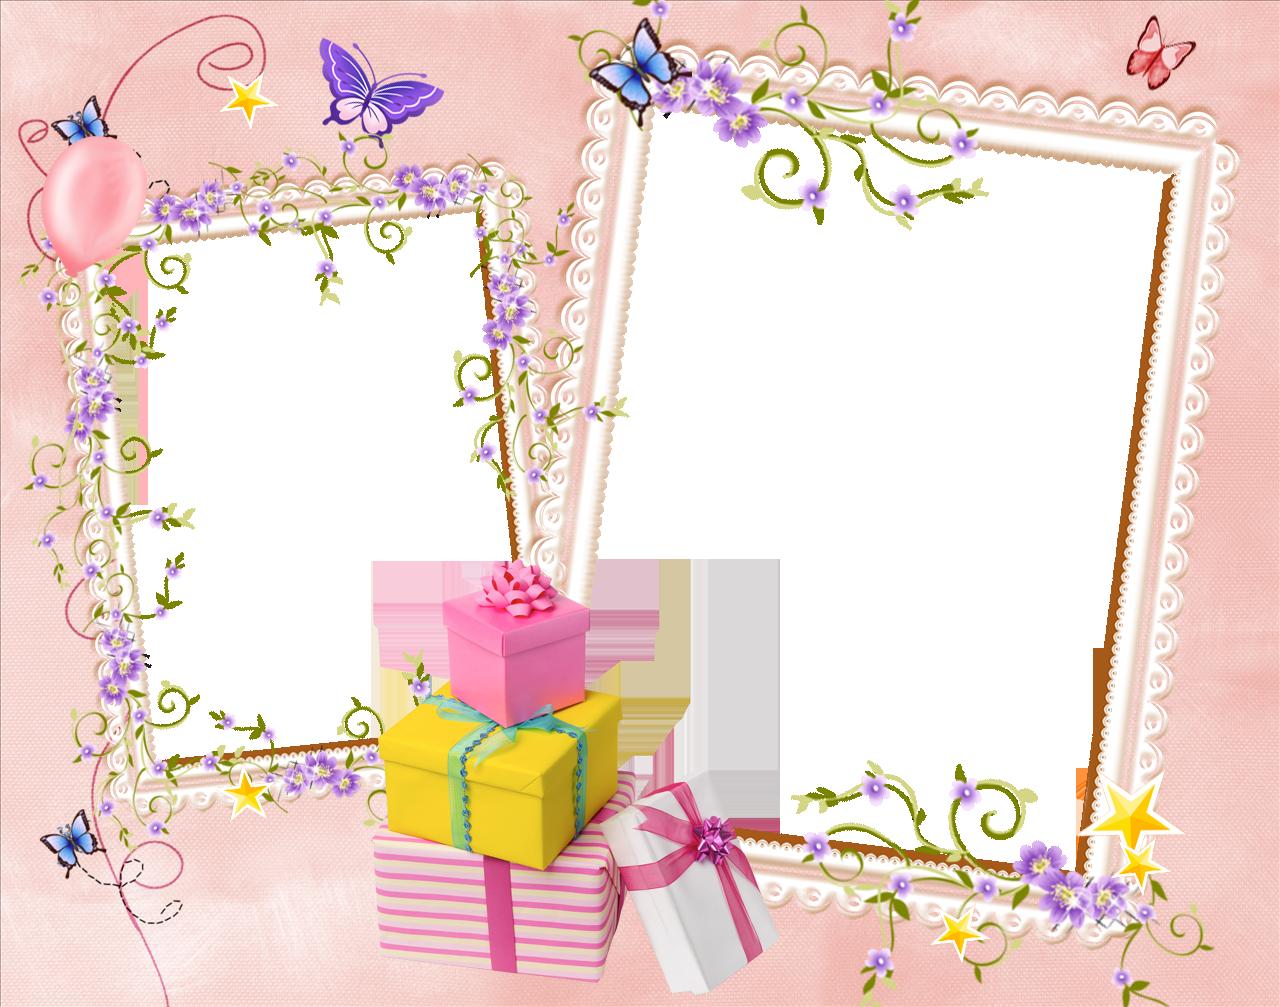 Поздравление с днем рождения картинки с тортом